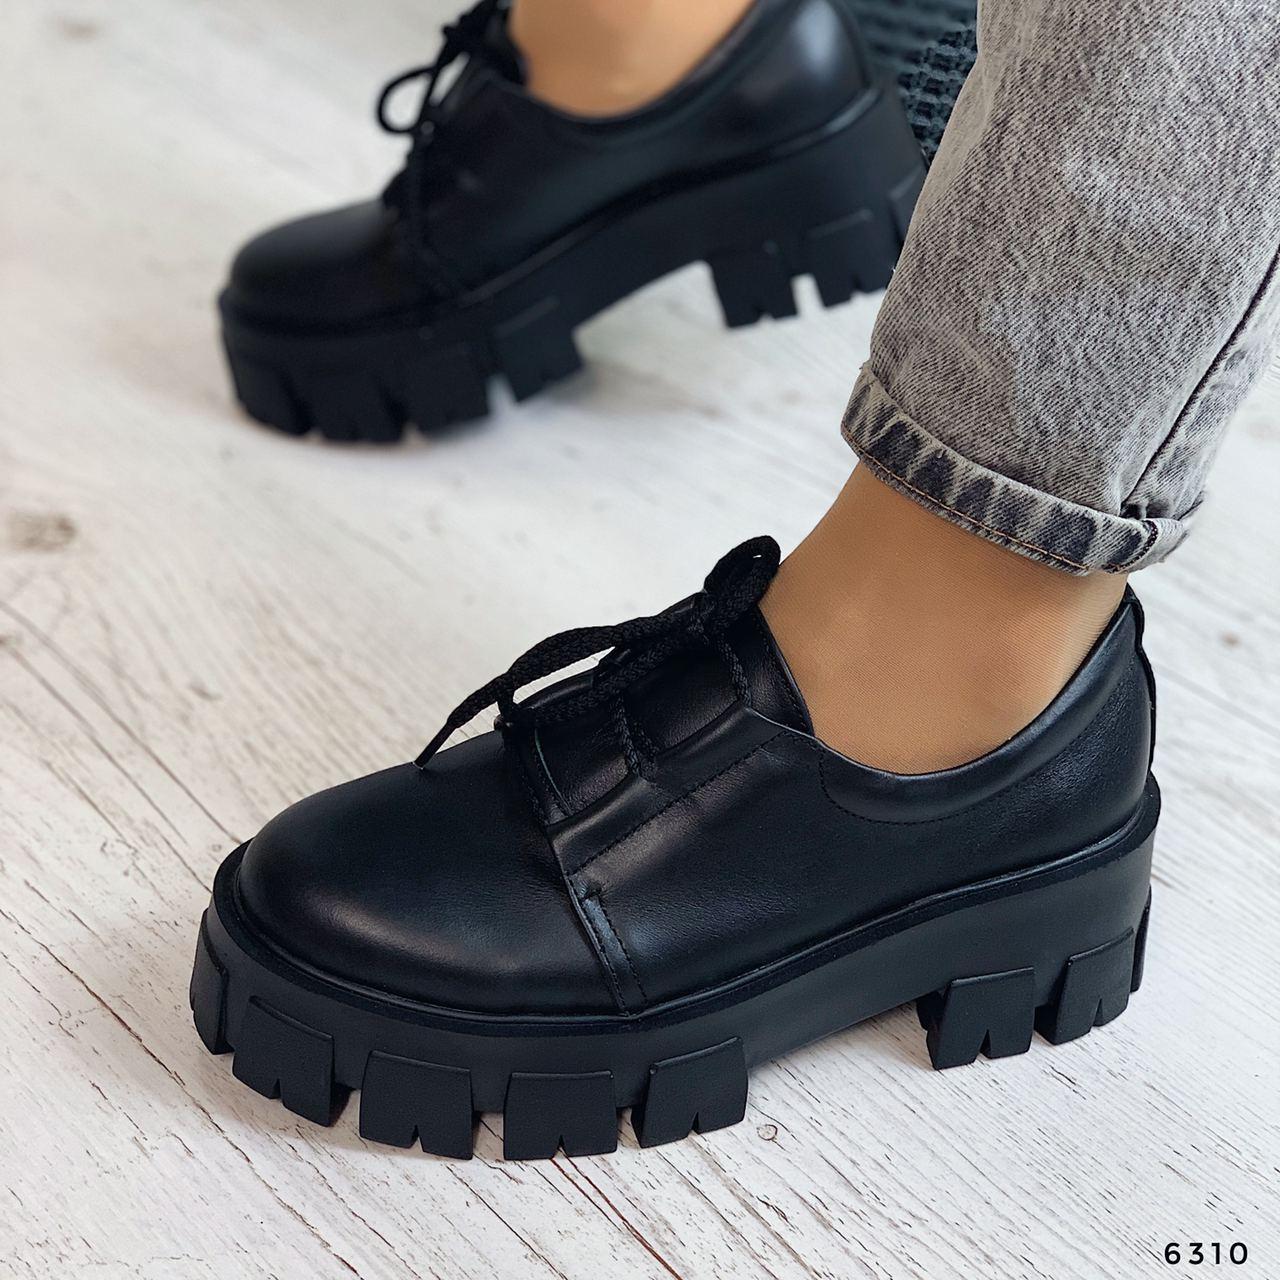 Туфли женские черные на платформе из НАТУРАЛЬНОЙ КОЖИ. Туфлі жіночі чорні на платформі з натуральної шкіри